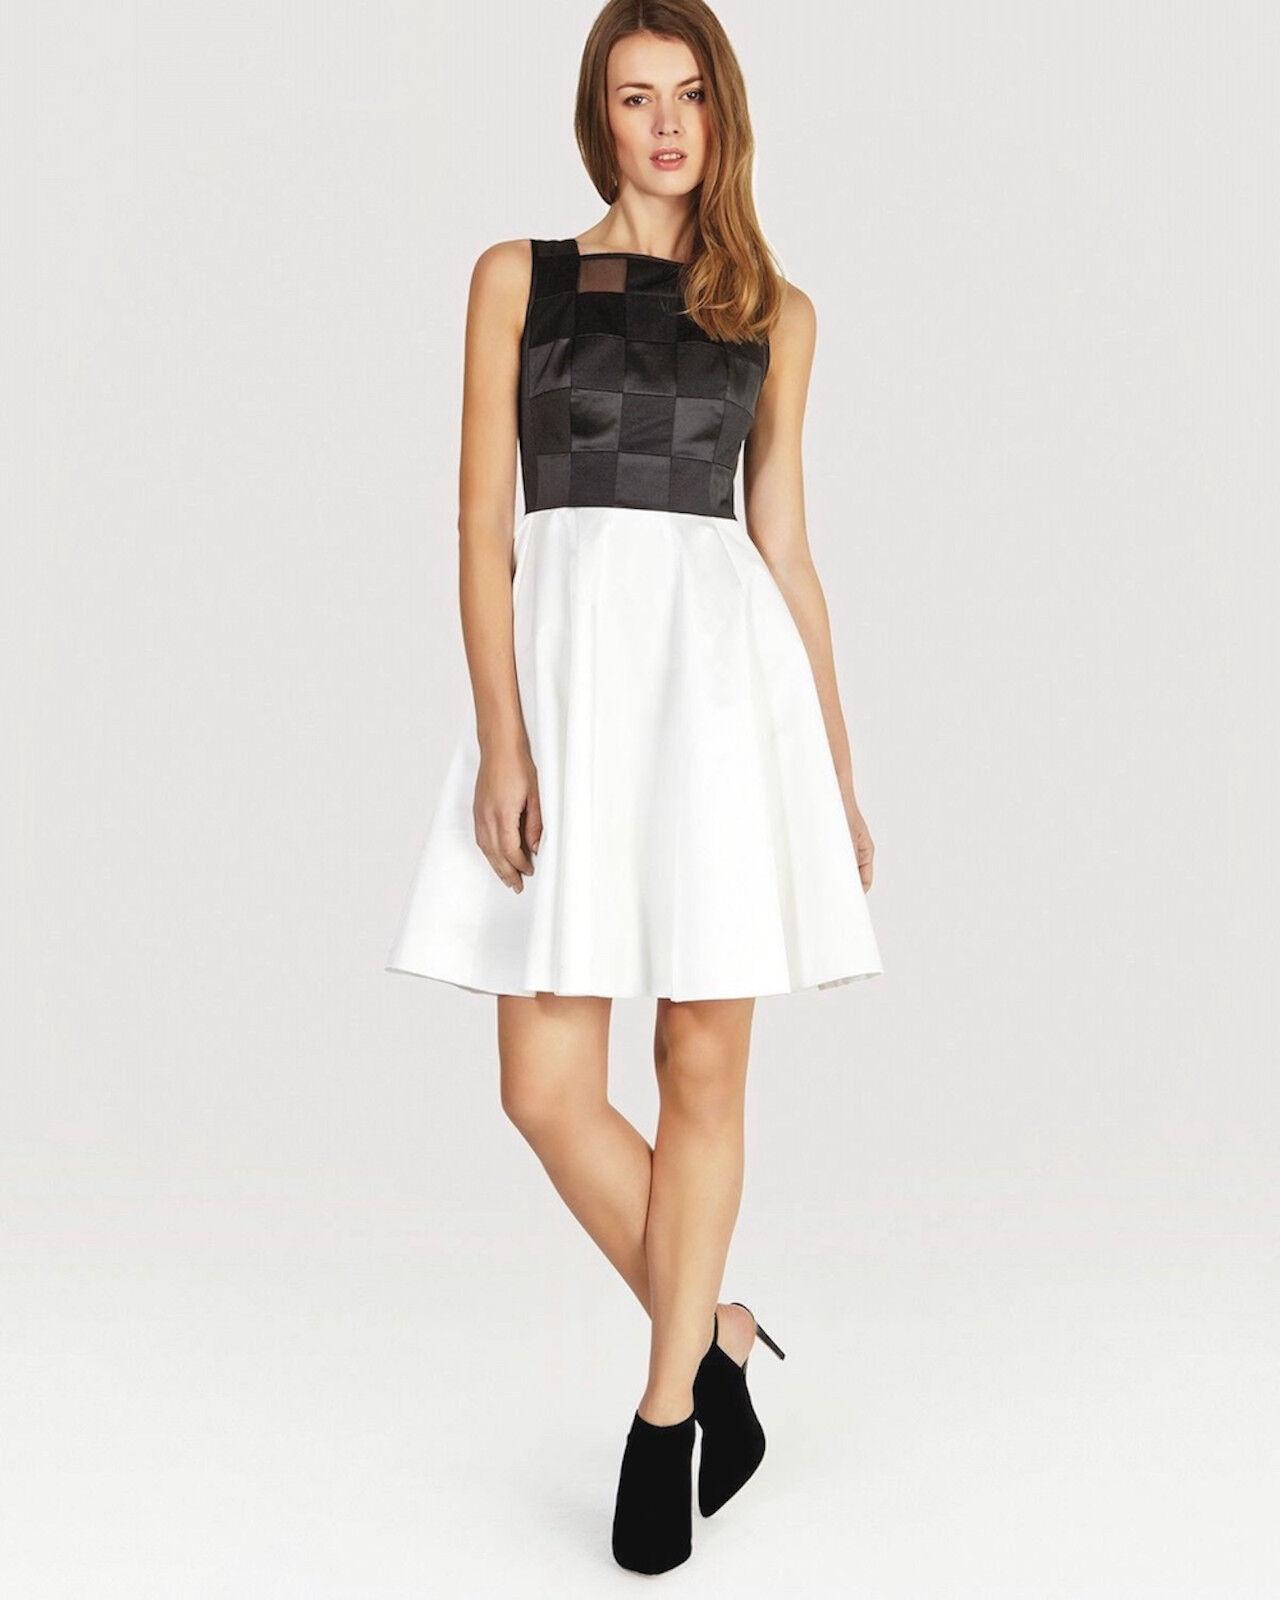 Neu Karen Millen Grafik Muster Kleid Voll Umsäumt Schwarz Weiß Neu mit Etikett